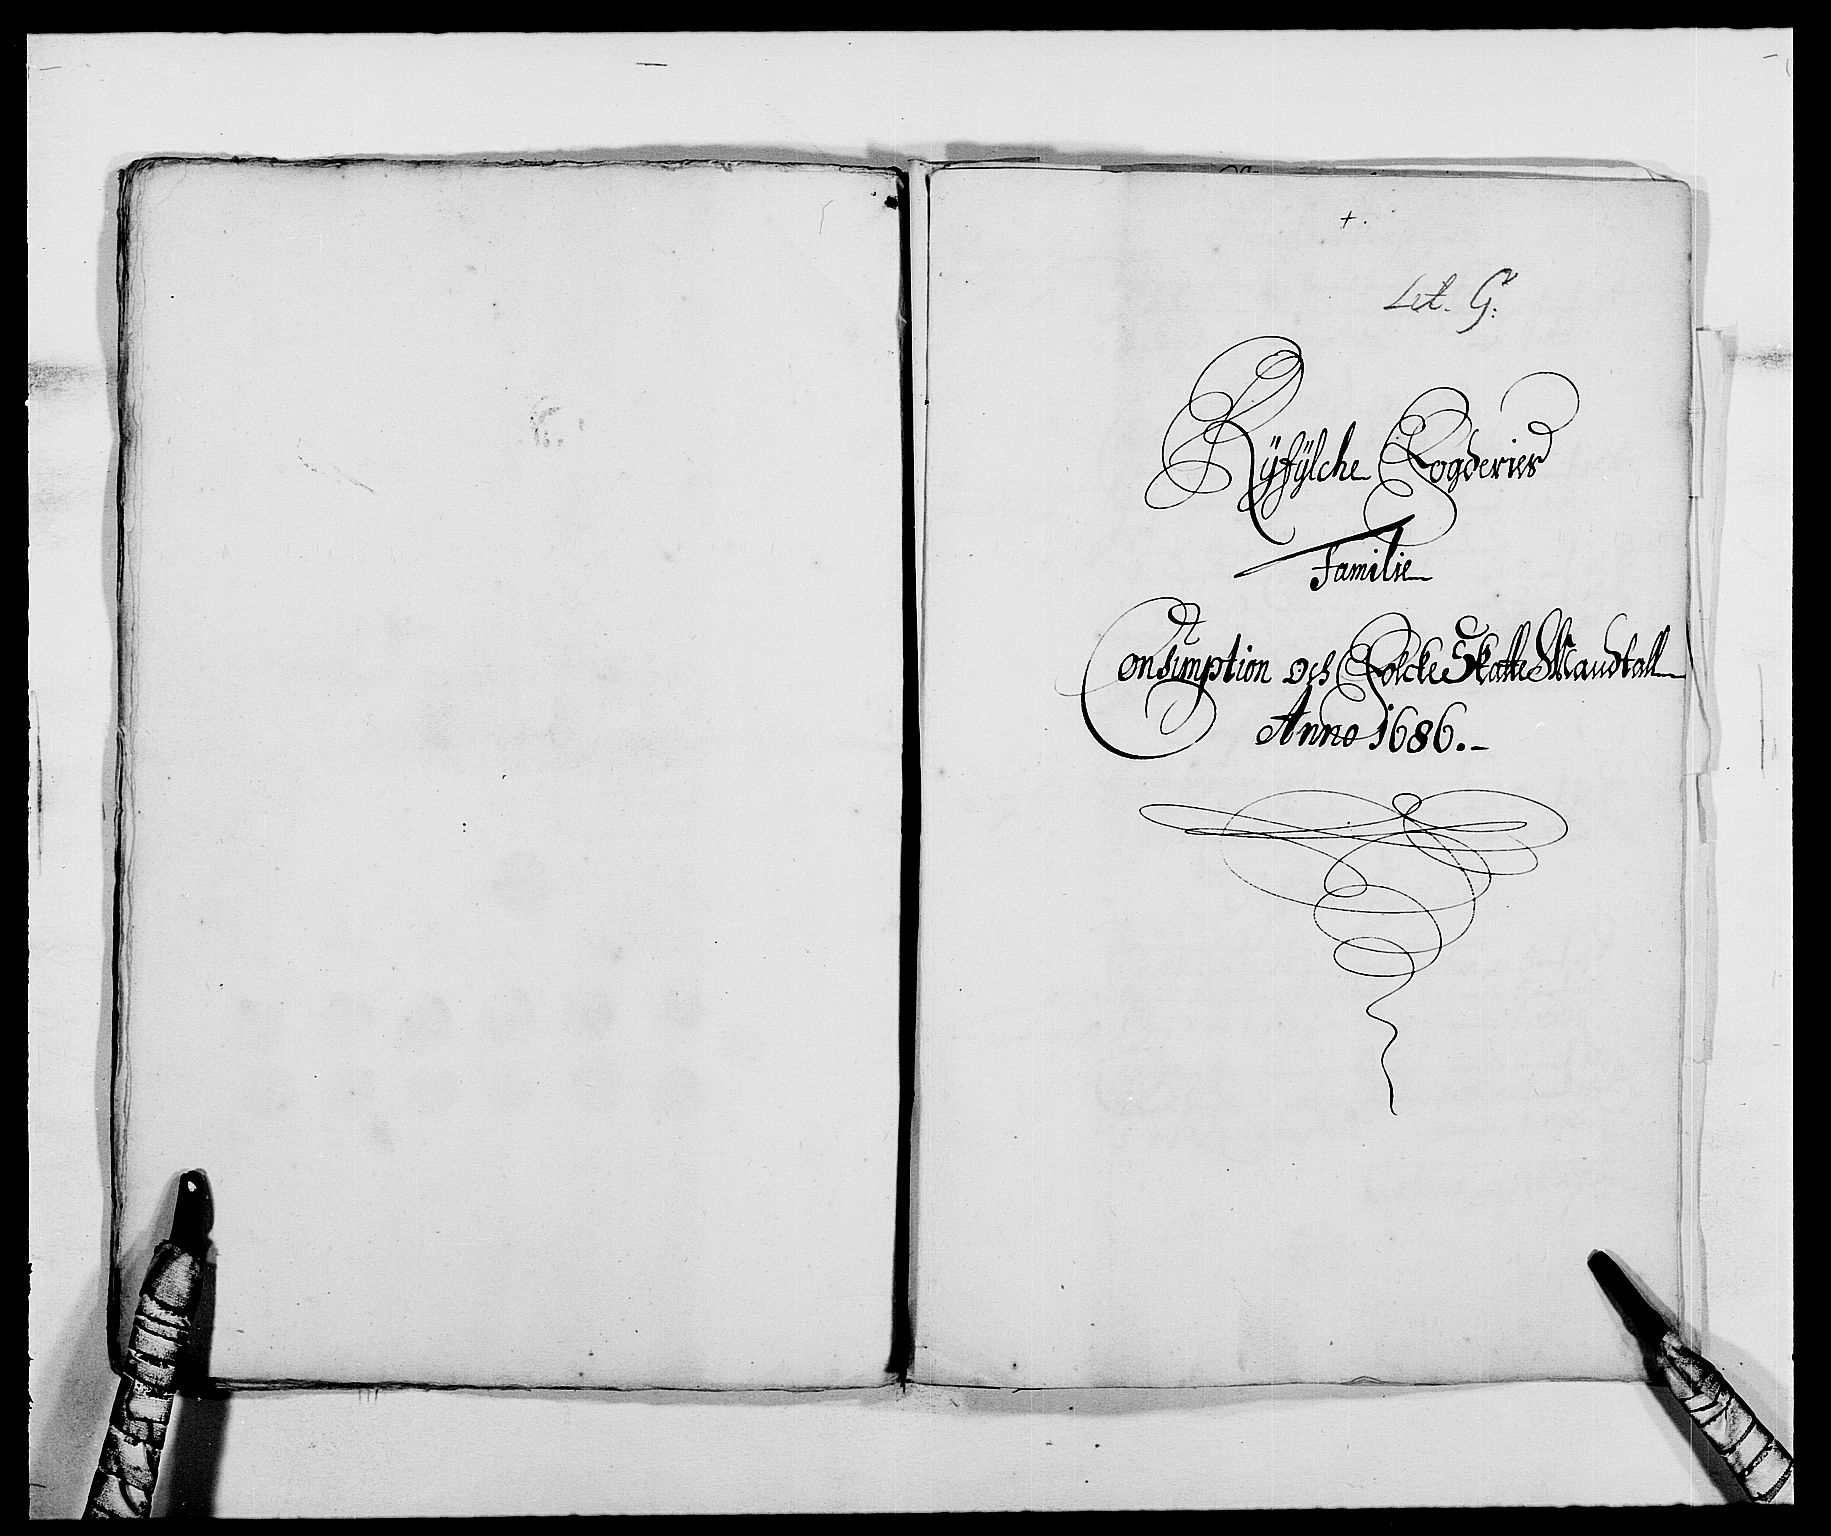 RA, Rentekammeret inntil 1814, Reviderte regnskaper, Fogderegnskap, R47/L2855: Fogderegnskap Ryfylke, 1685-1688, s. 182